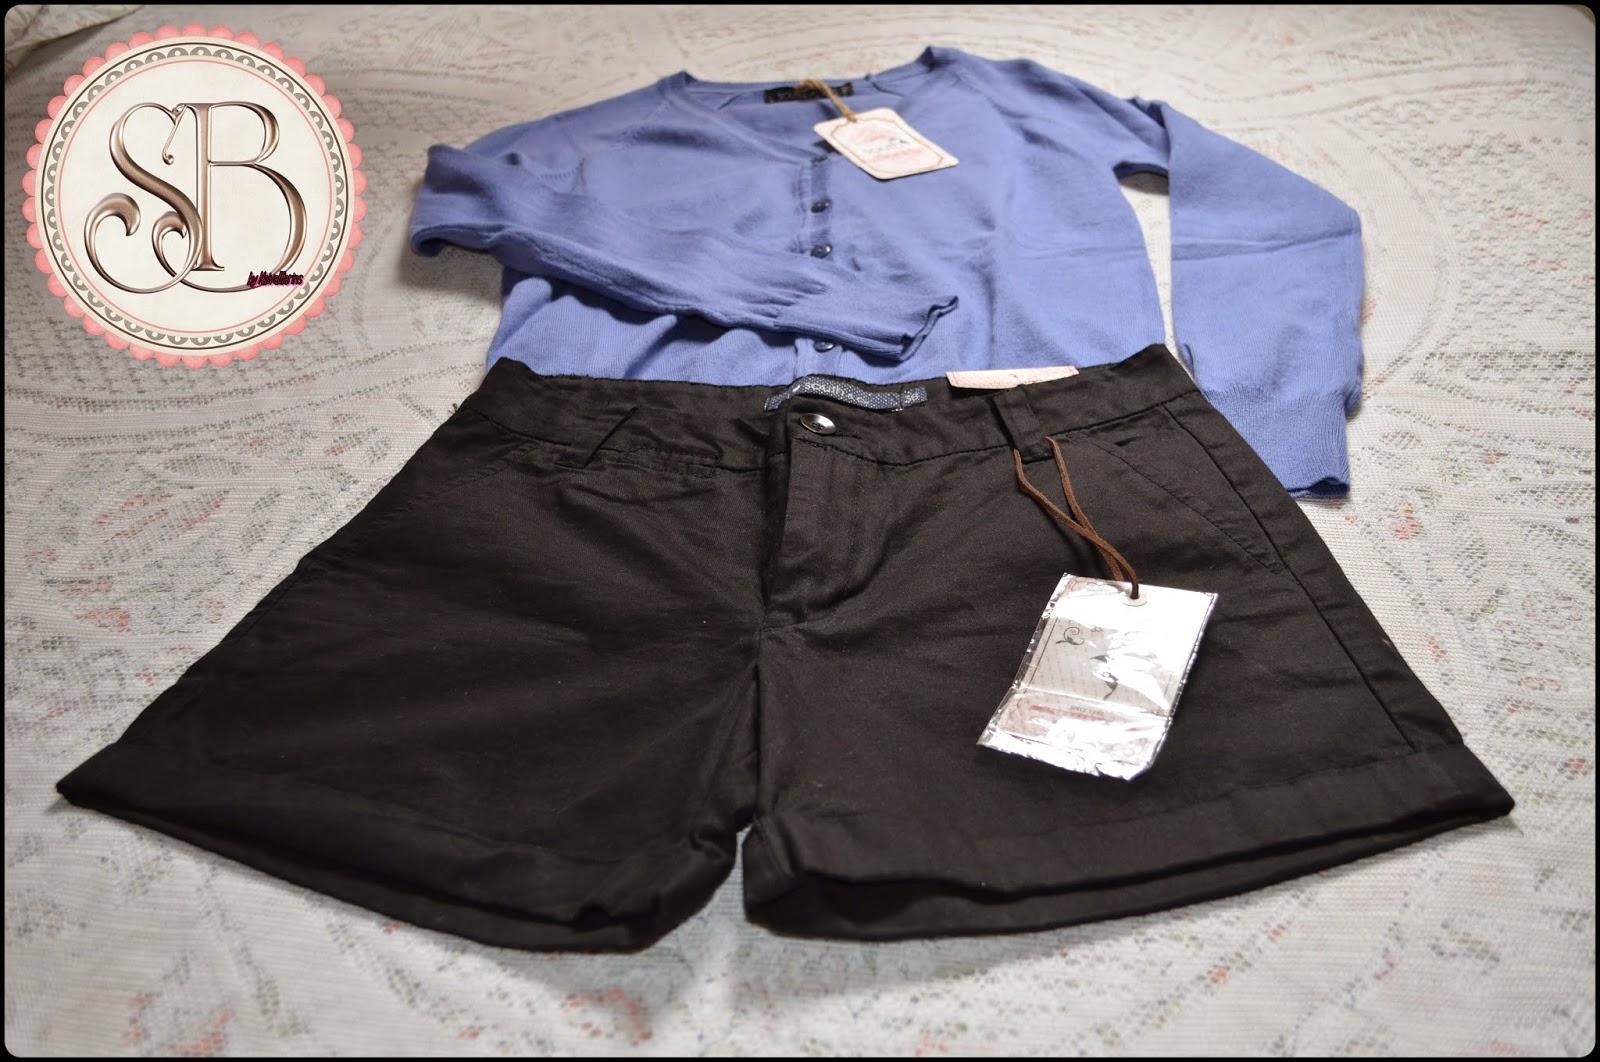 Somando Beleza, Neiva Marins, O que tem no meu armário e nos meus cabides, South & Co. Opção Jeans